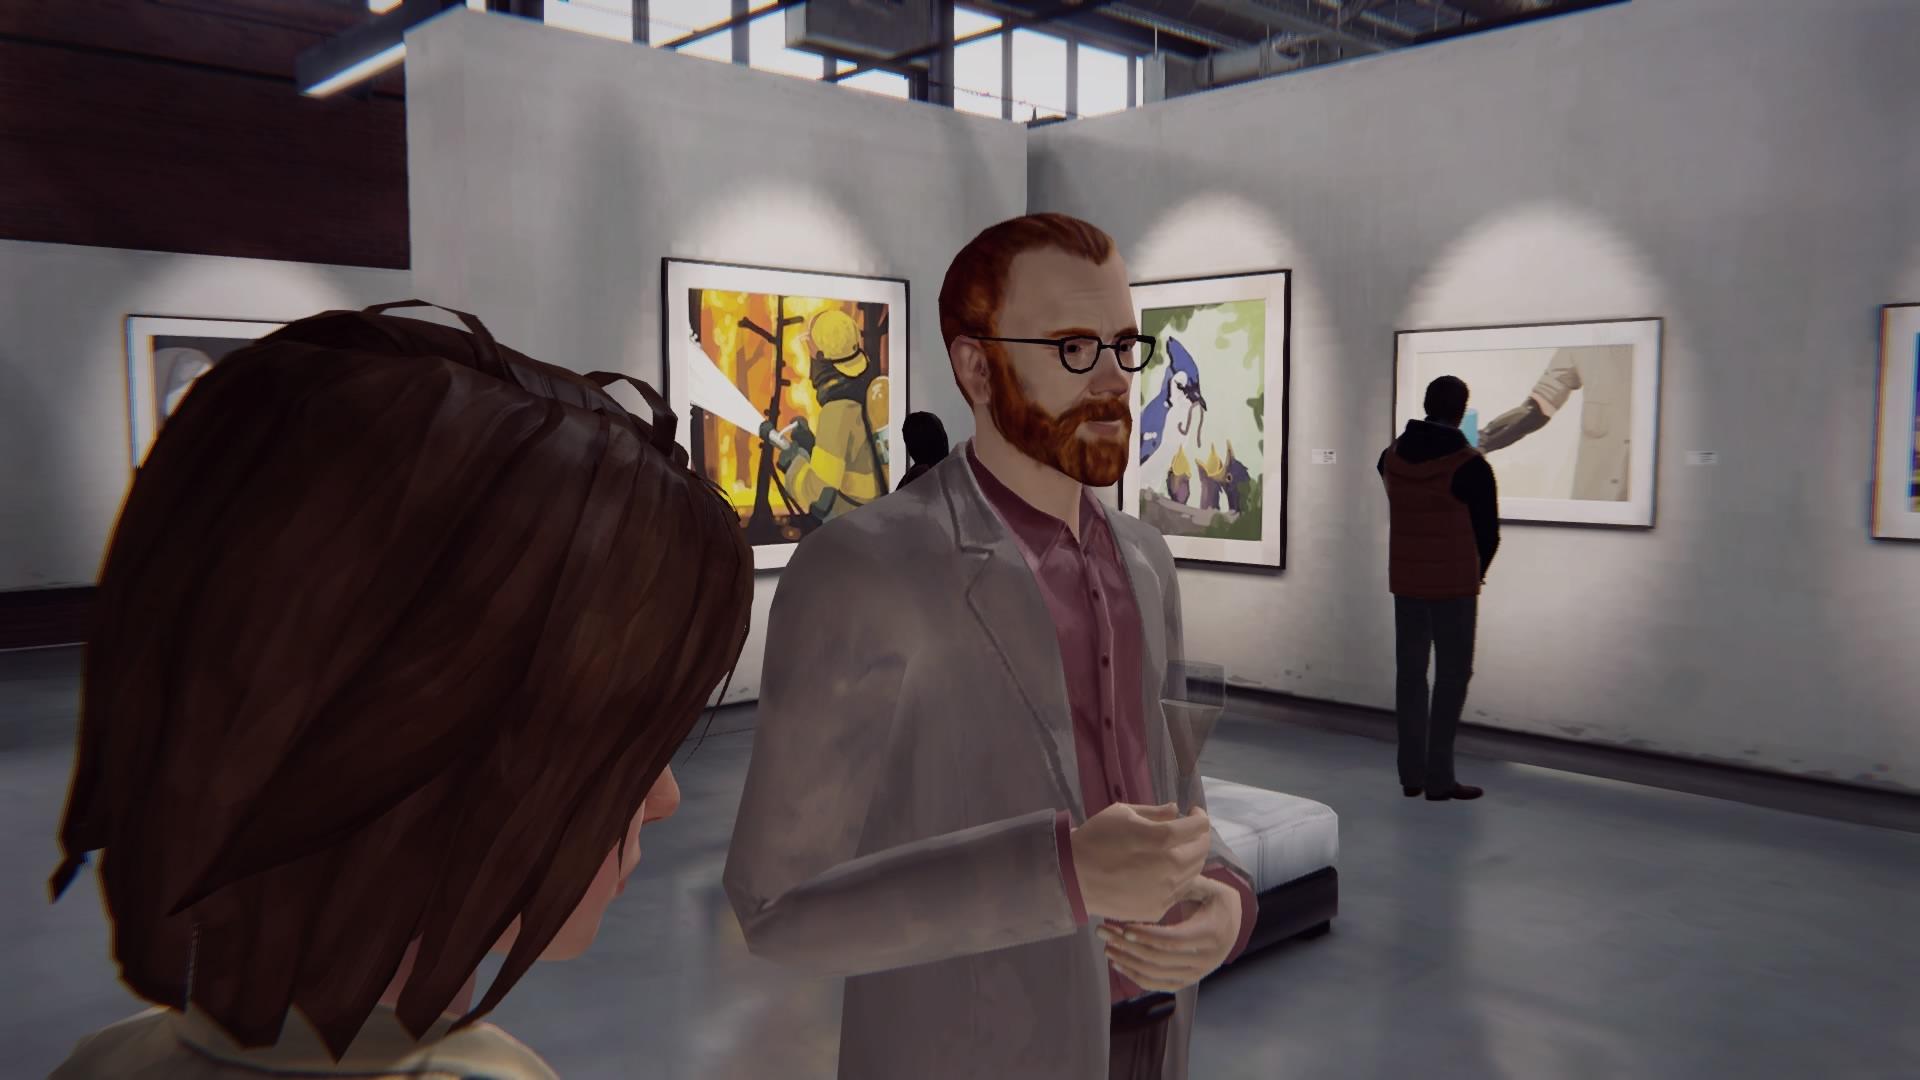 Макс на выставке фотографий в галерее «Дух Времени» (игра Life is Strange)